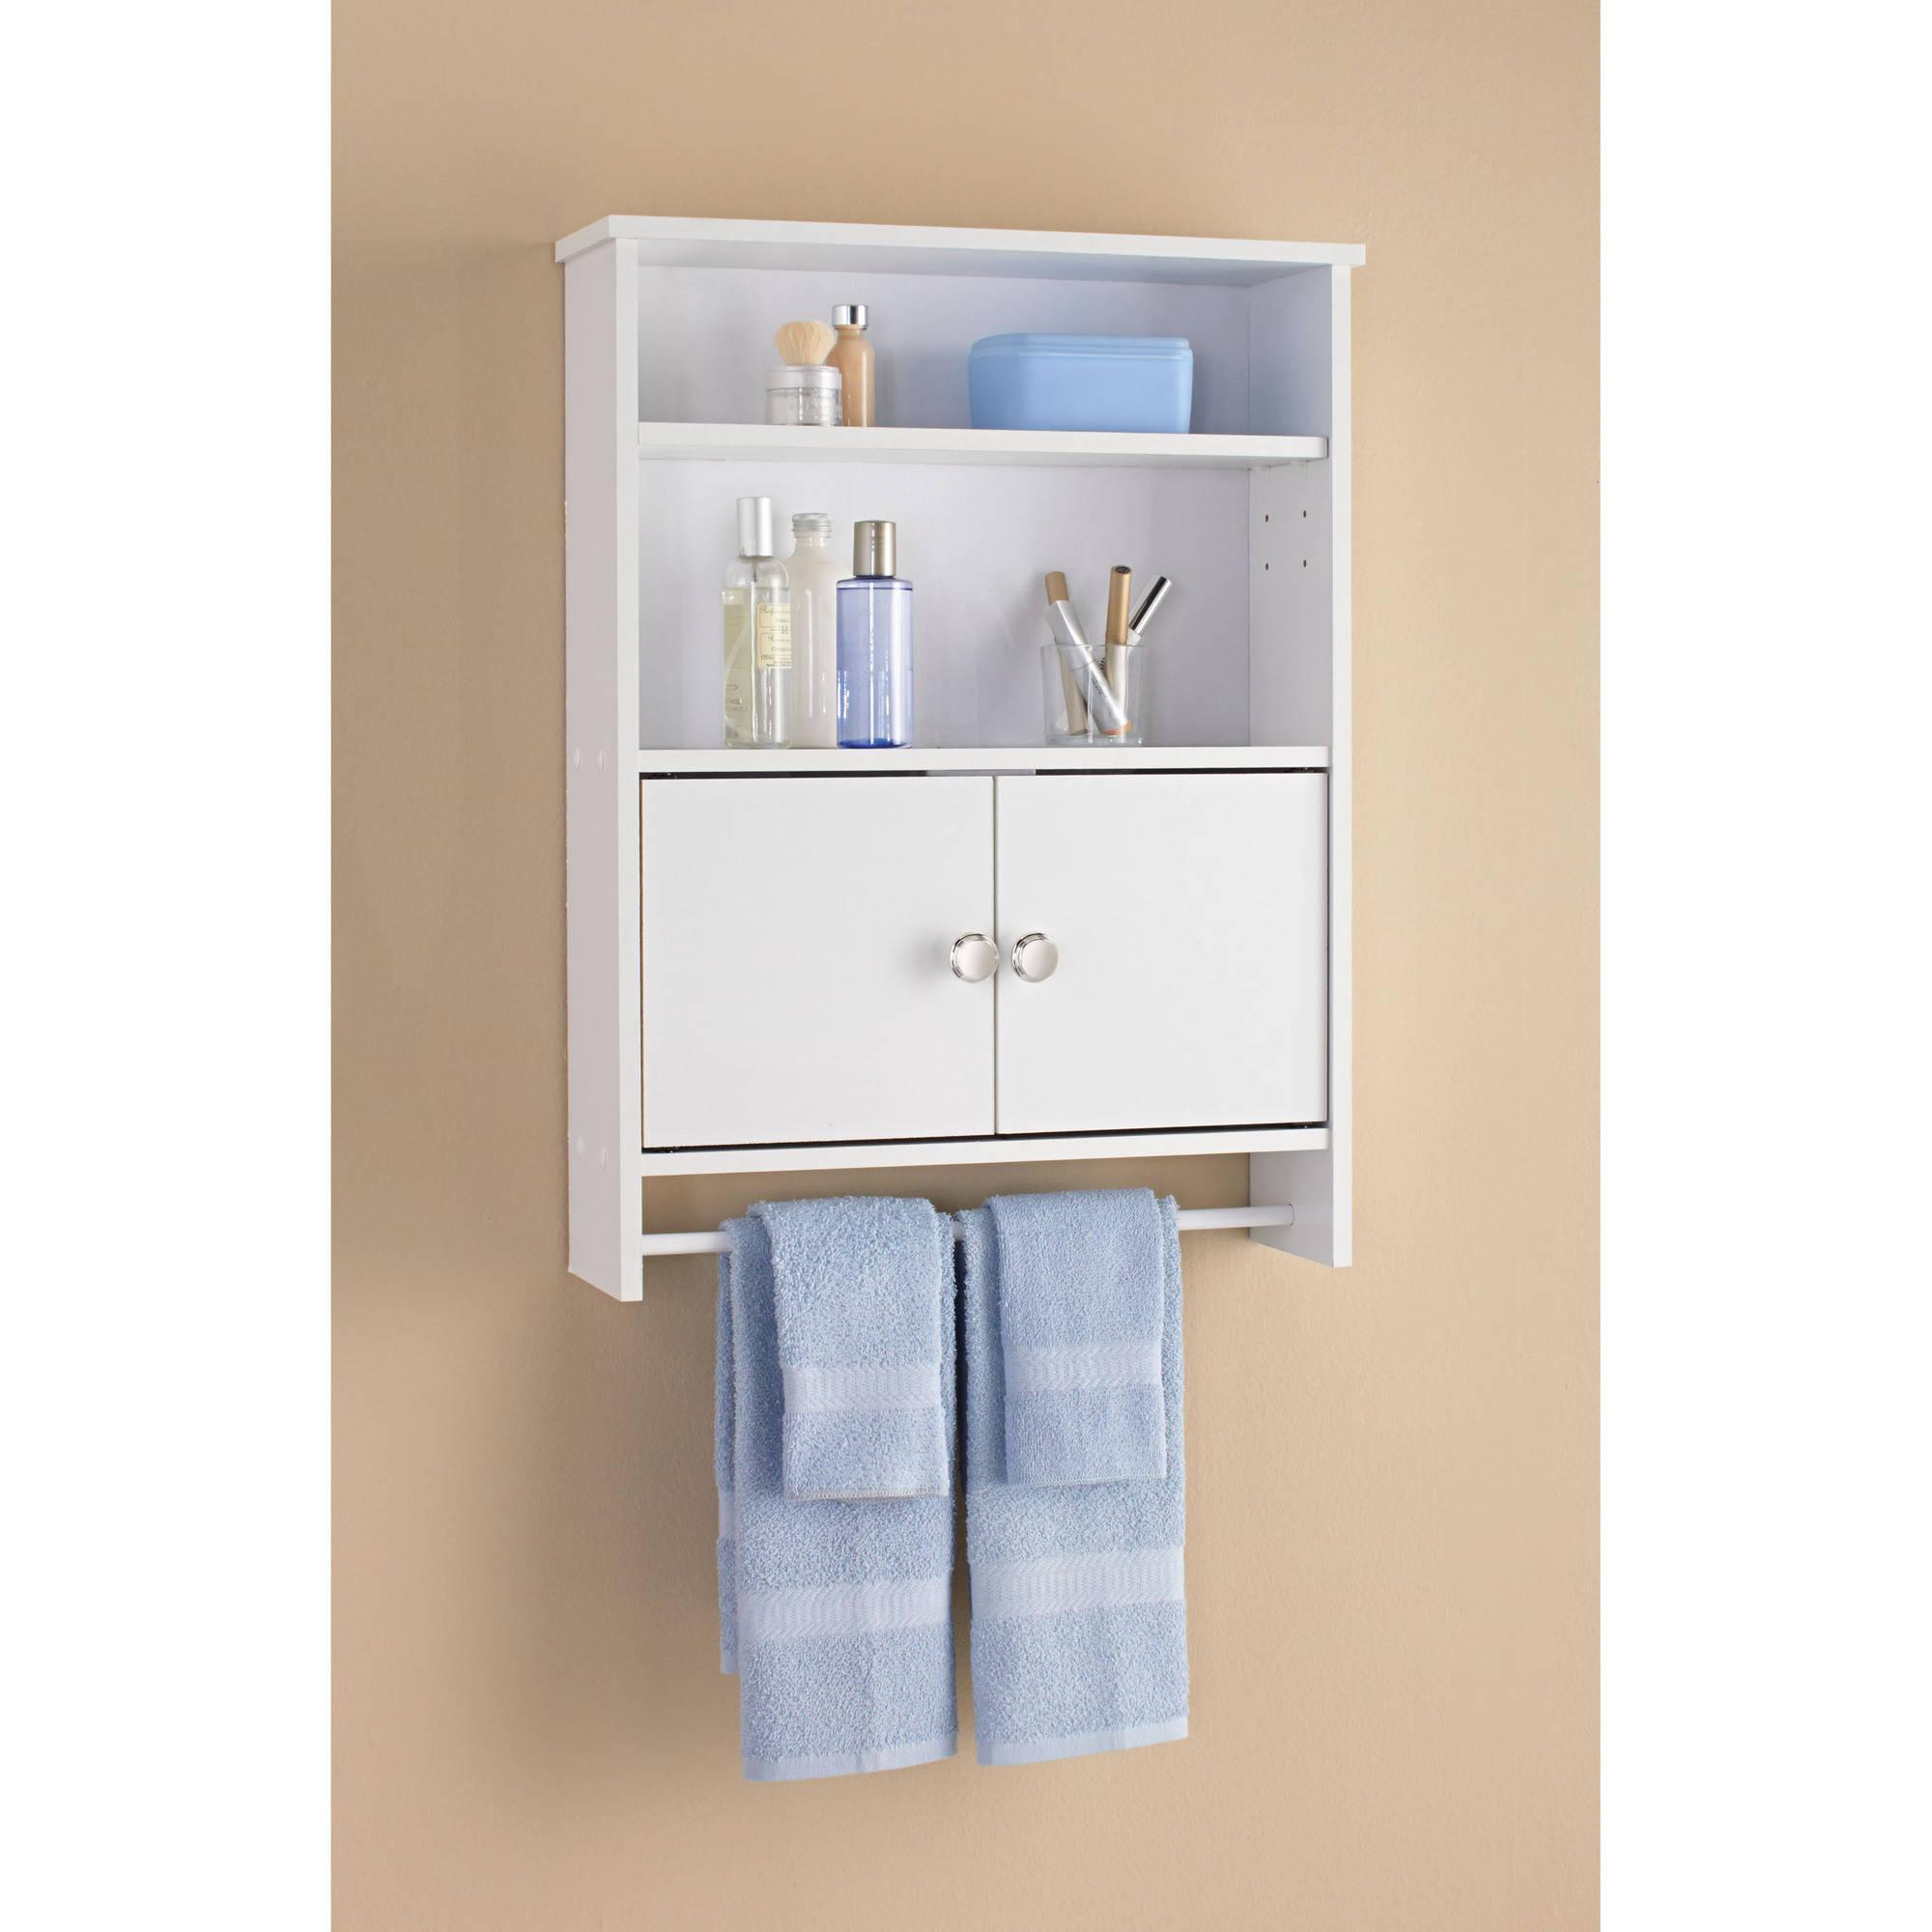 Mainstays 2 Door Bathroom Wall Cabinet White regarding measurements 2000 X 2000